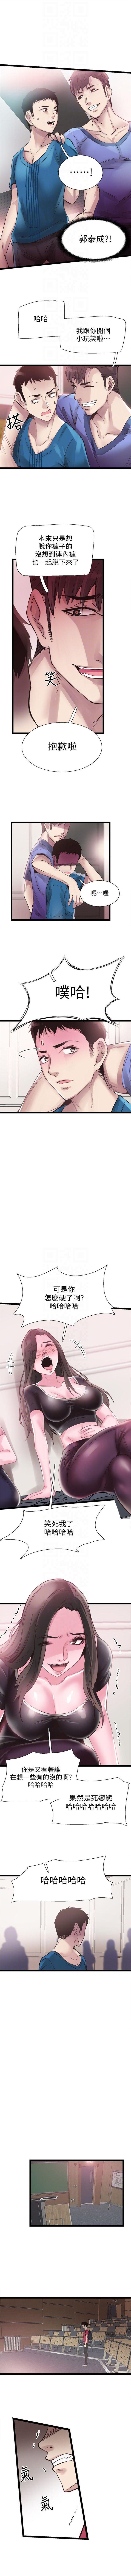 (週7)校園live秀 1-50 中文翻譯(更新中) 75